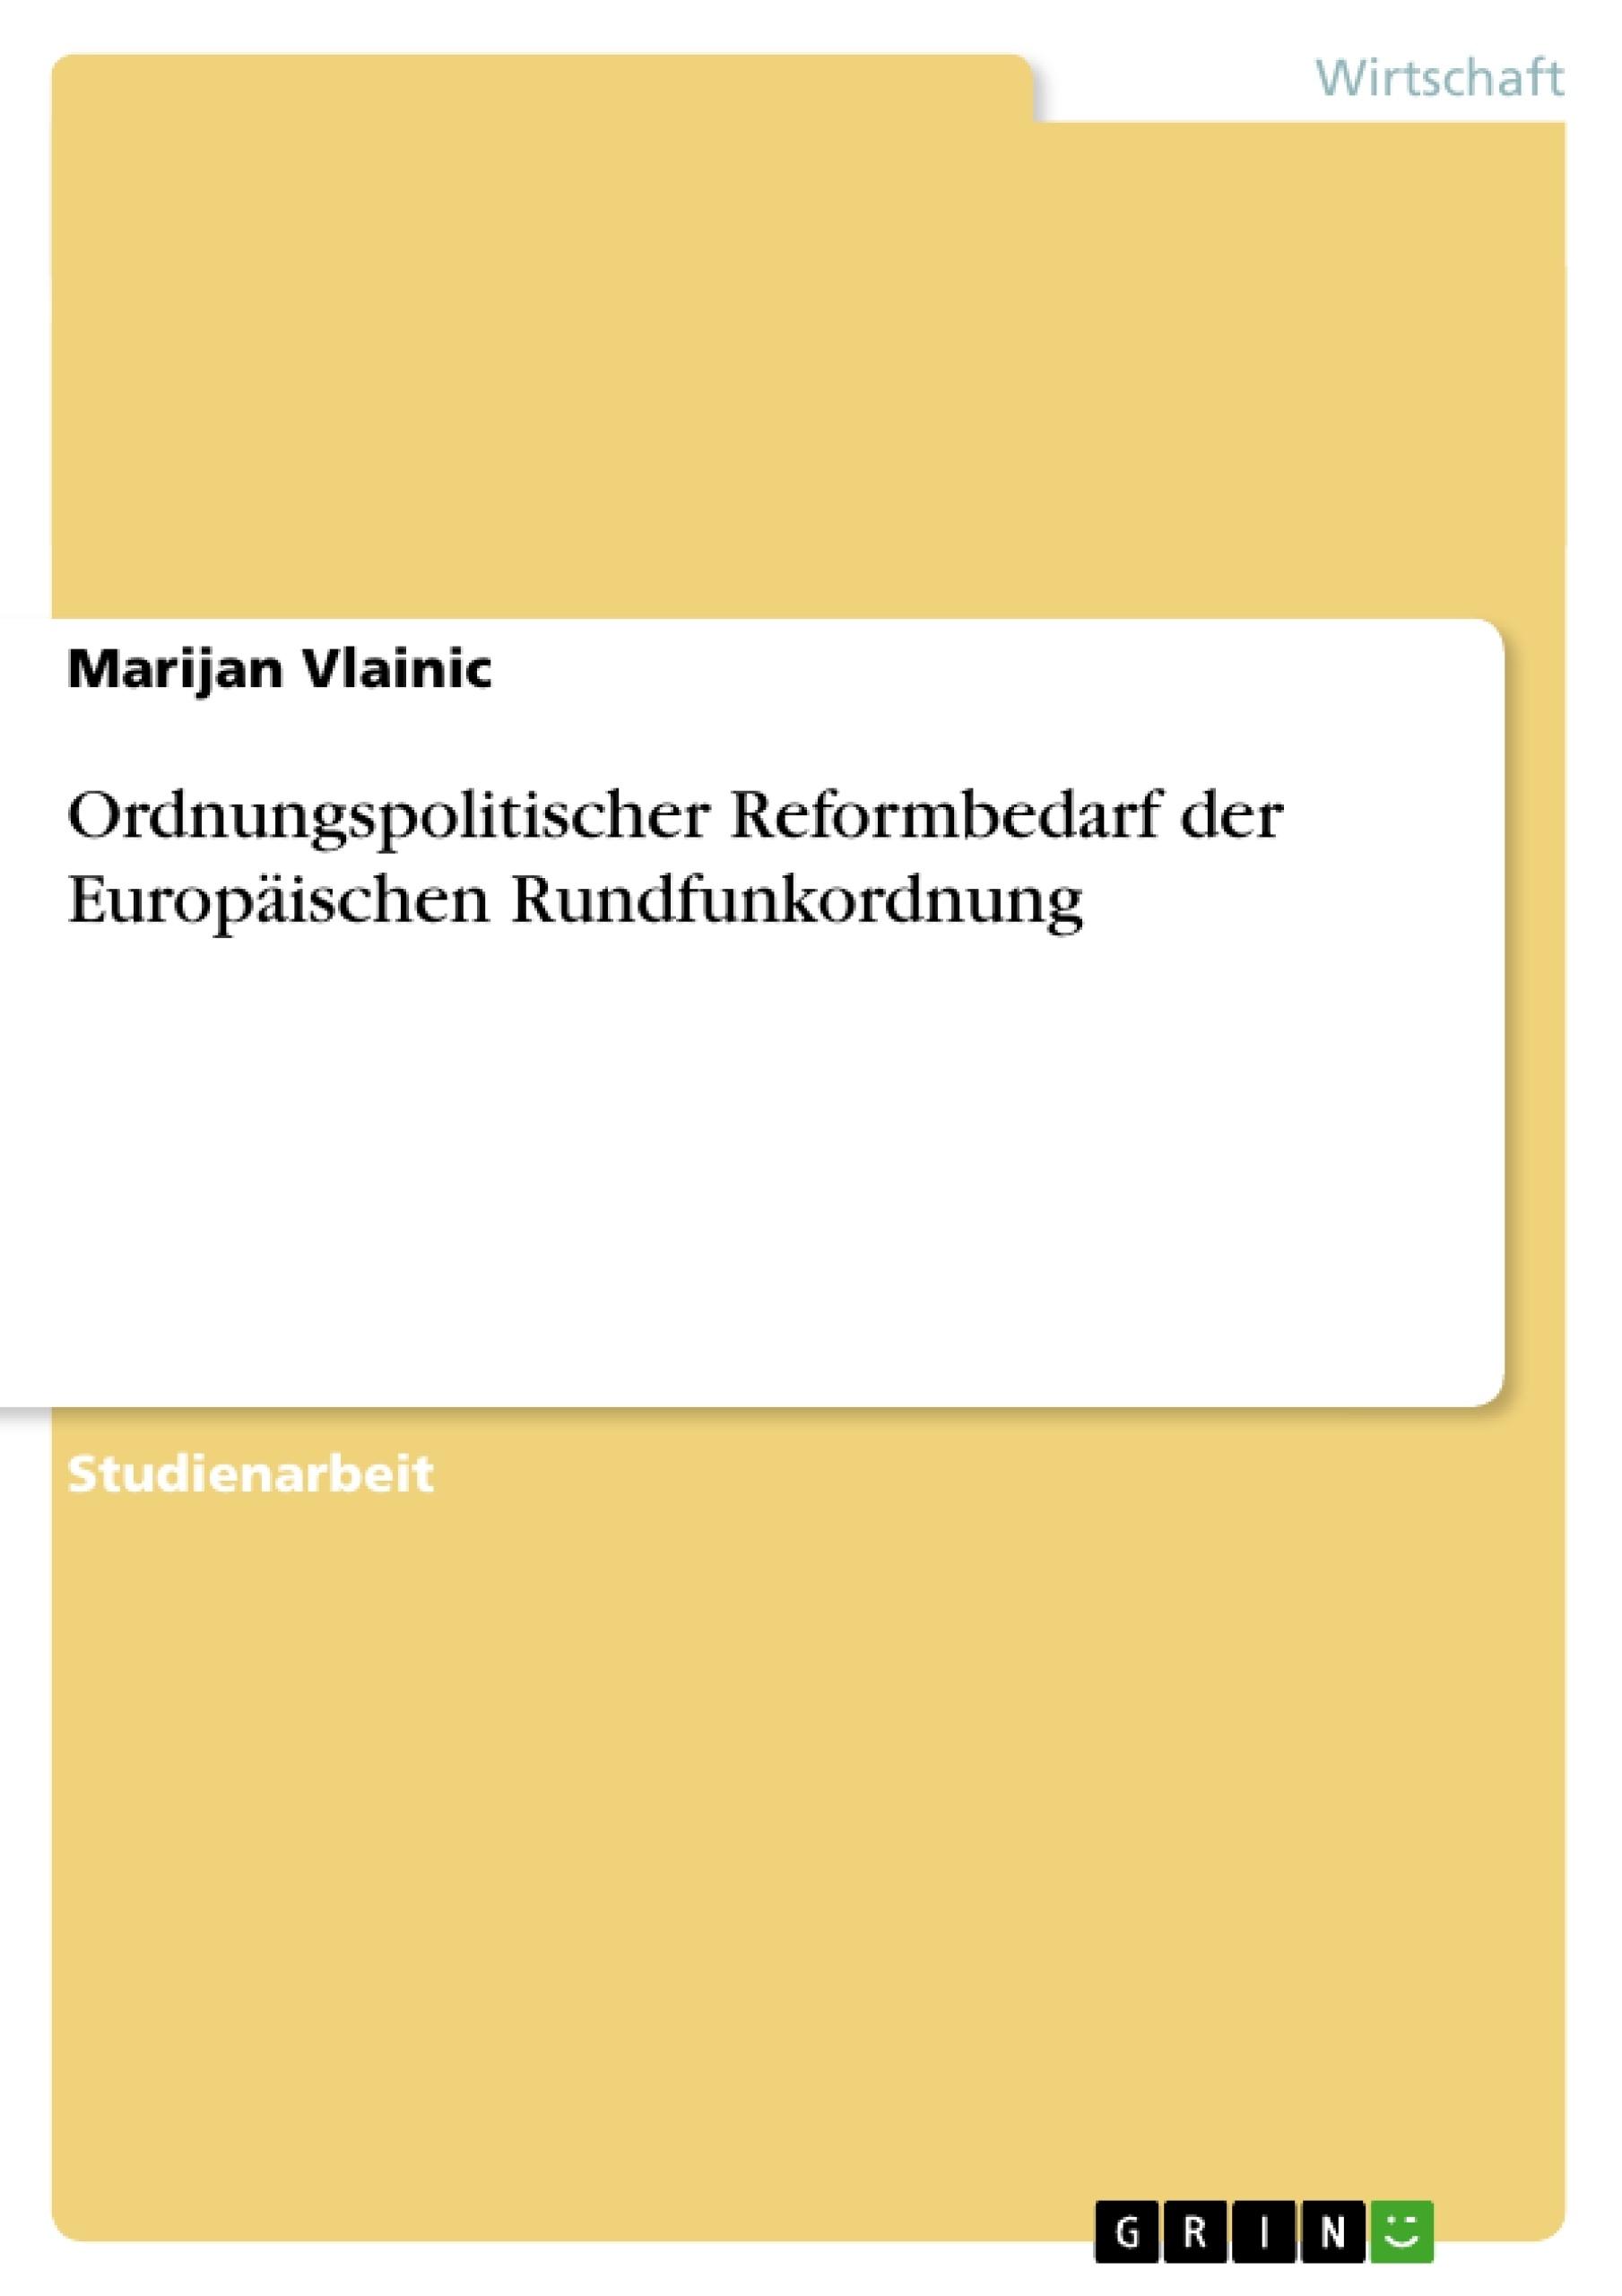 Titel: Ordnungspolitischer Reformbedarf der Europäischen Rundfunkordnung